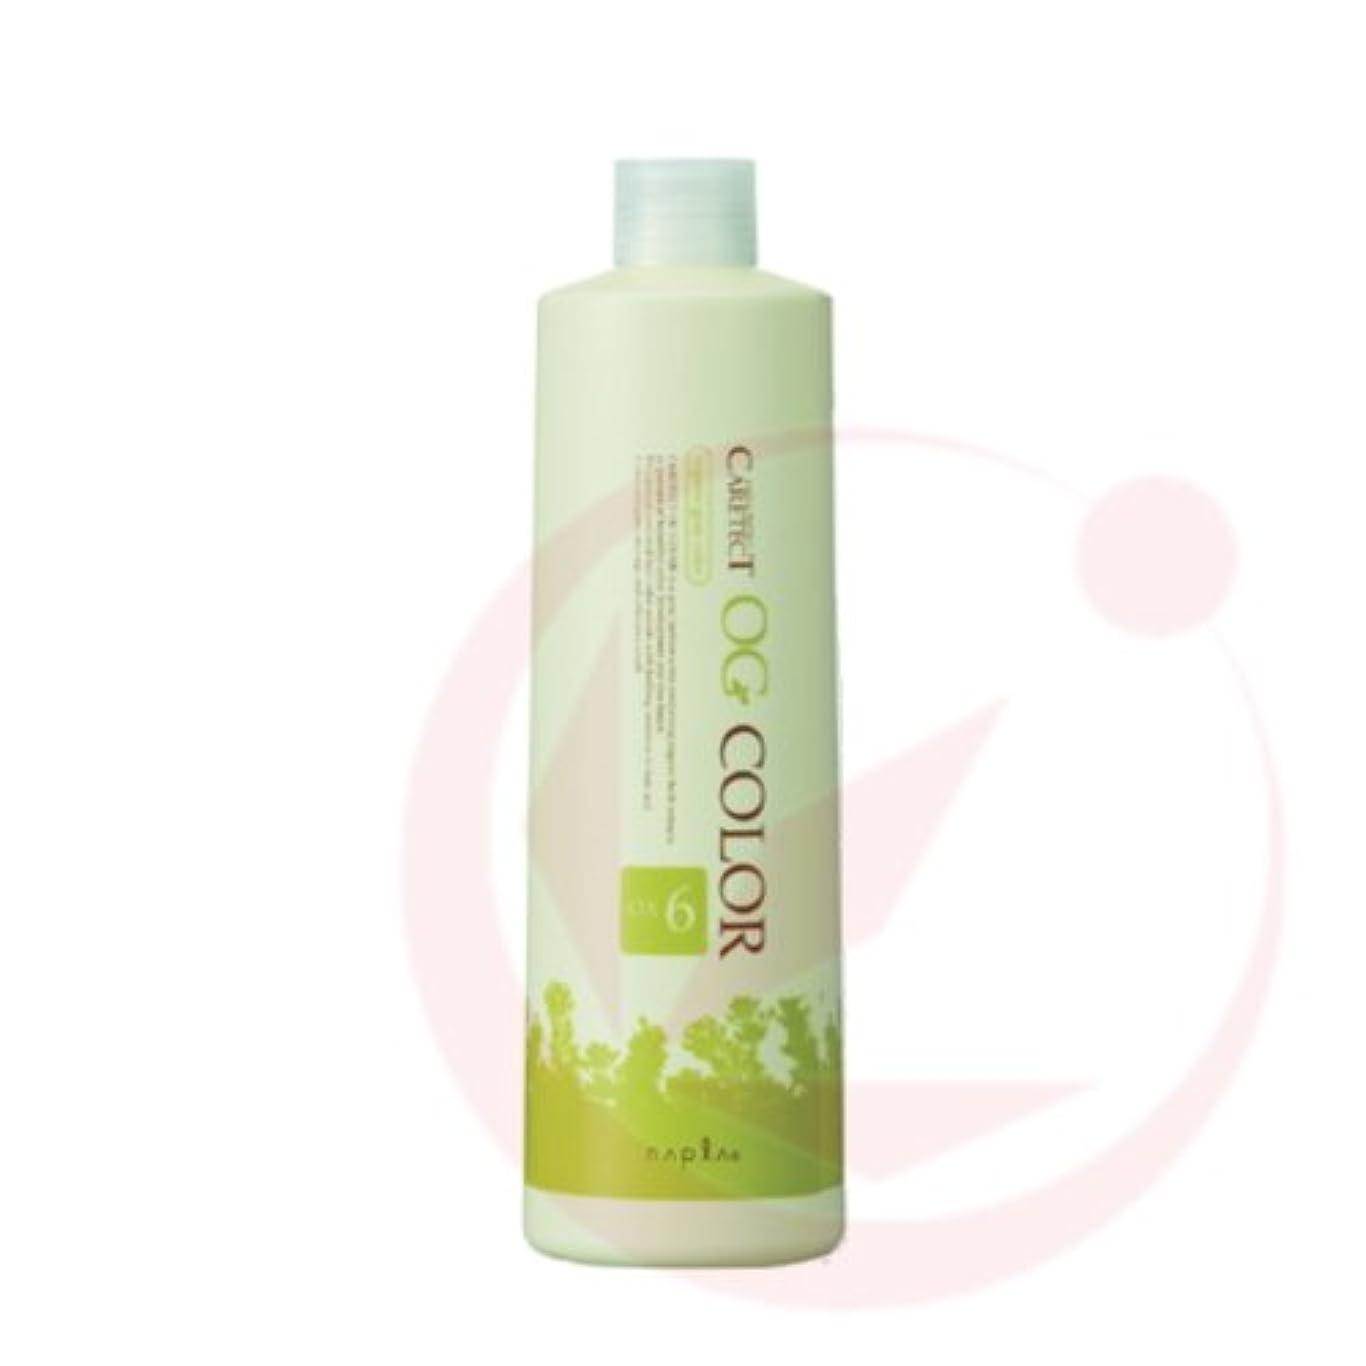 ナプラ ケアテクトOG カラー オキシ OX3% 1000ml(2剤)